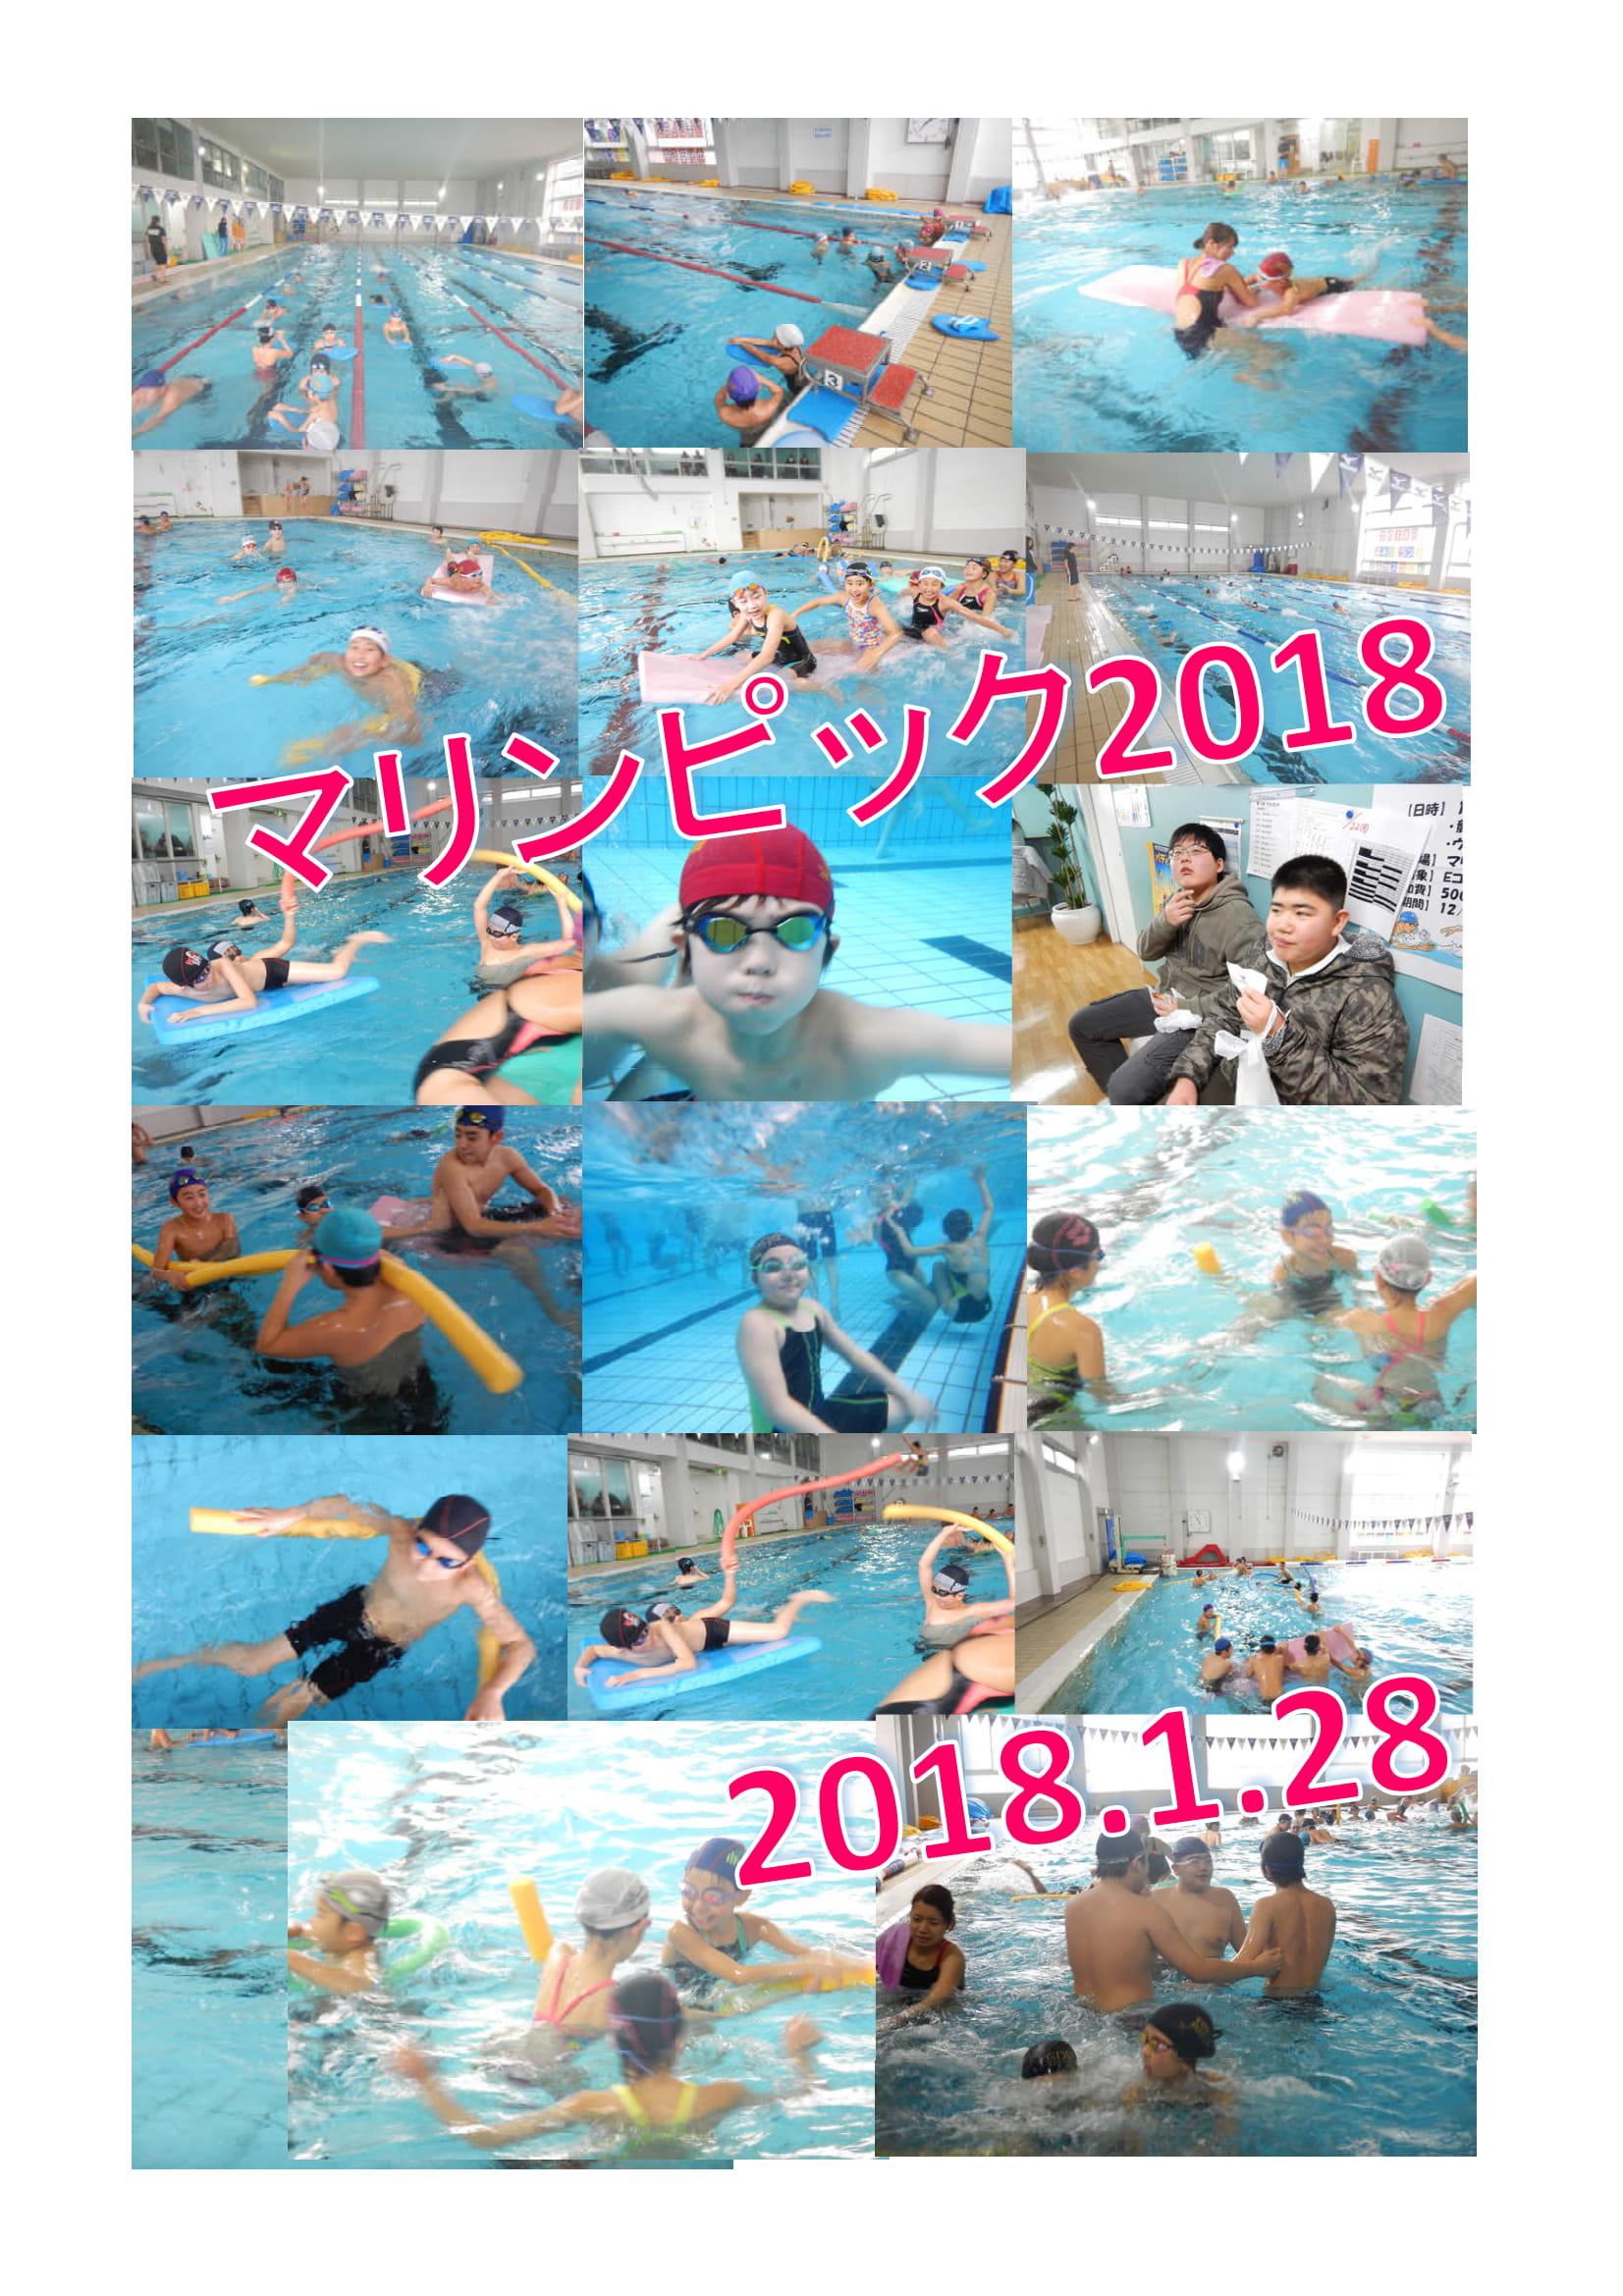 舎人スイミング 「2018年1月28日(日) マリンピック」を行いました。